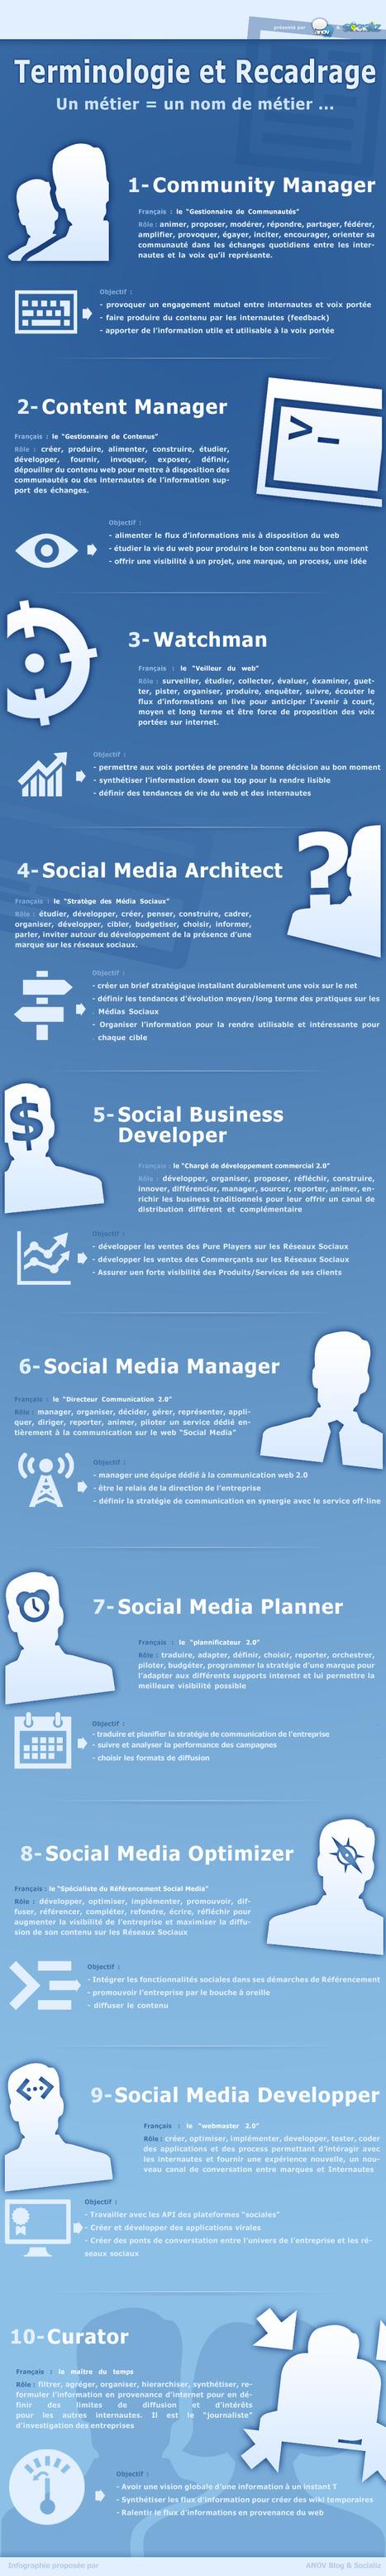 Infographie : Terminologie des métiers du web | La vie en agence web | Scoop.it